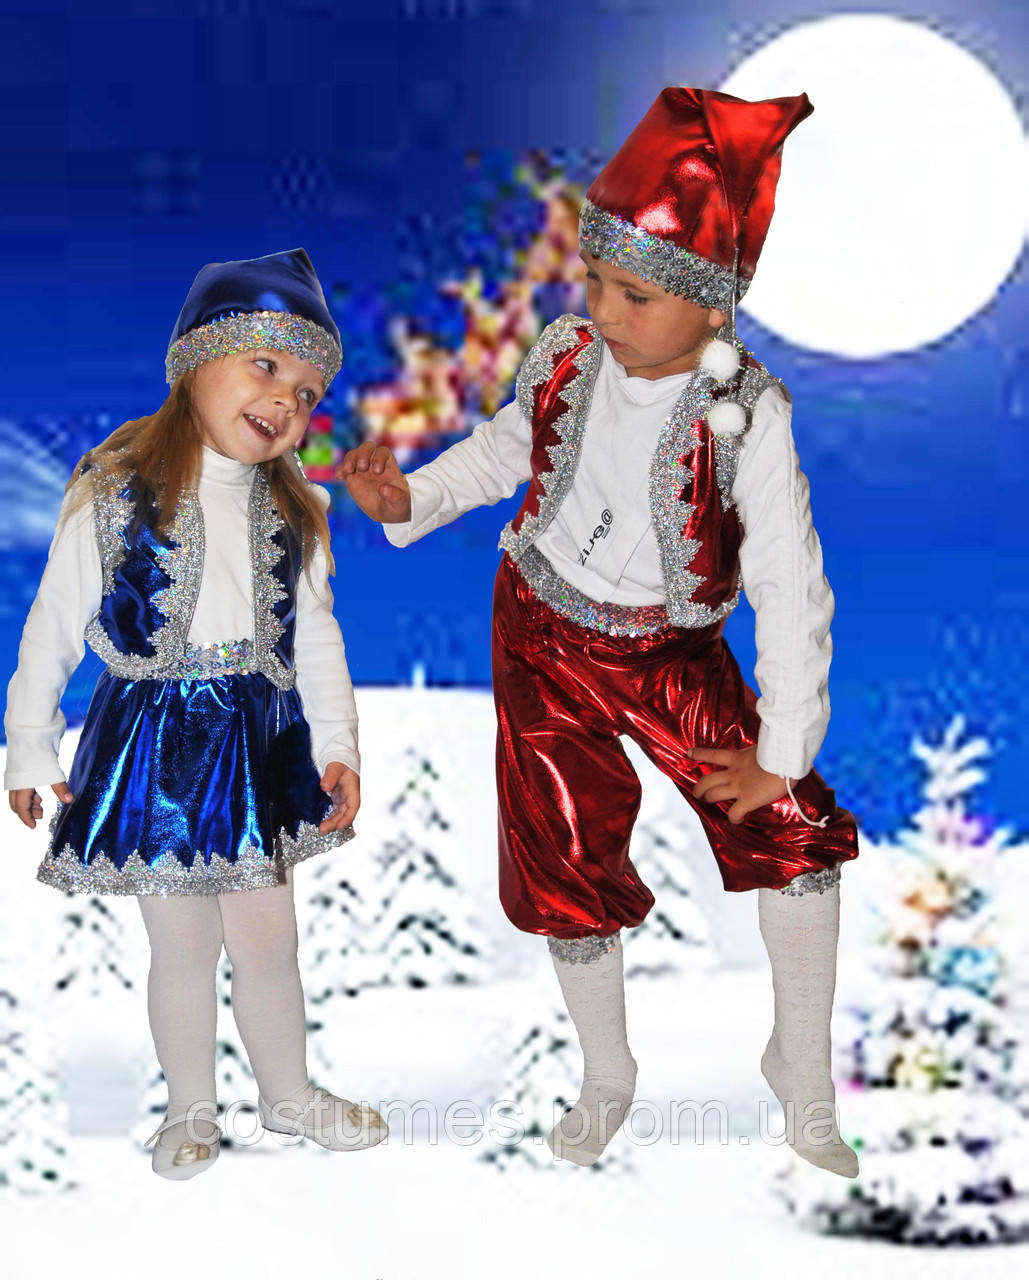 Карнавальные костюмы Гномик мальчик синий, красный ... - photo#44